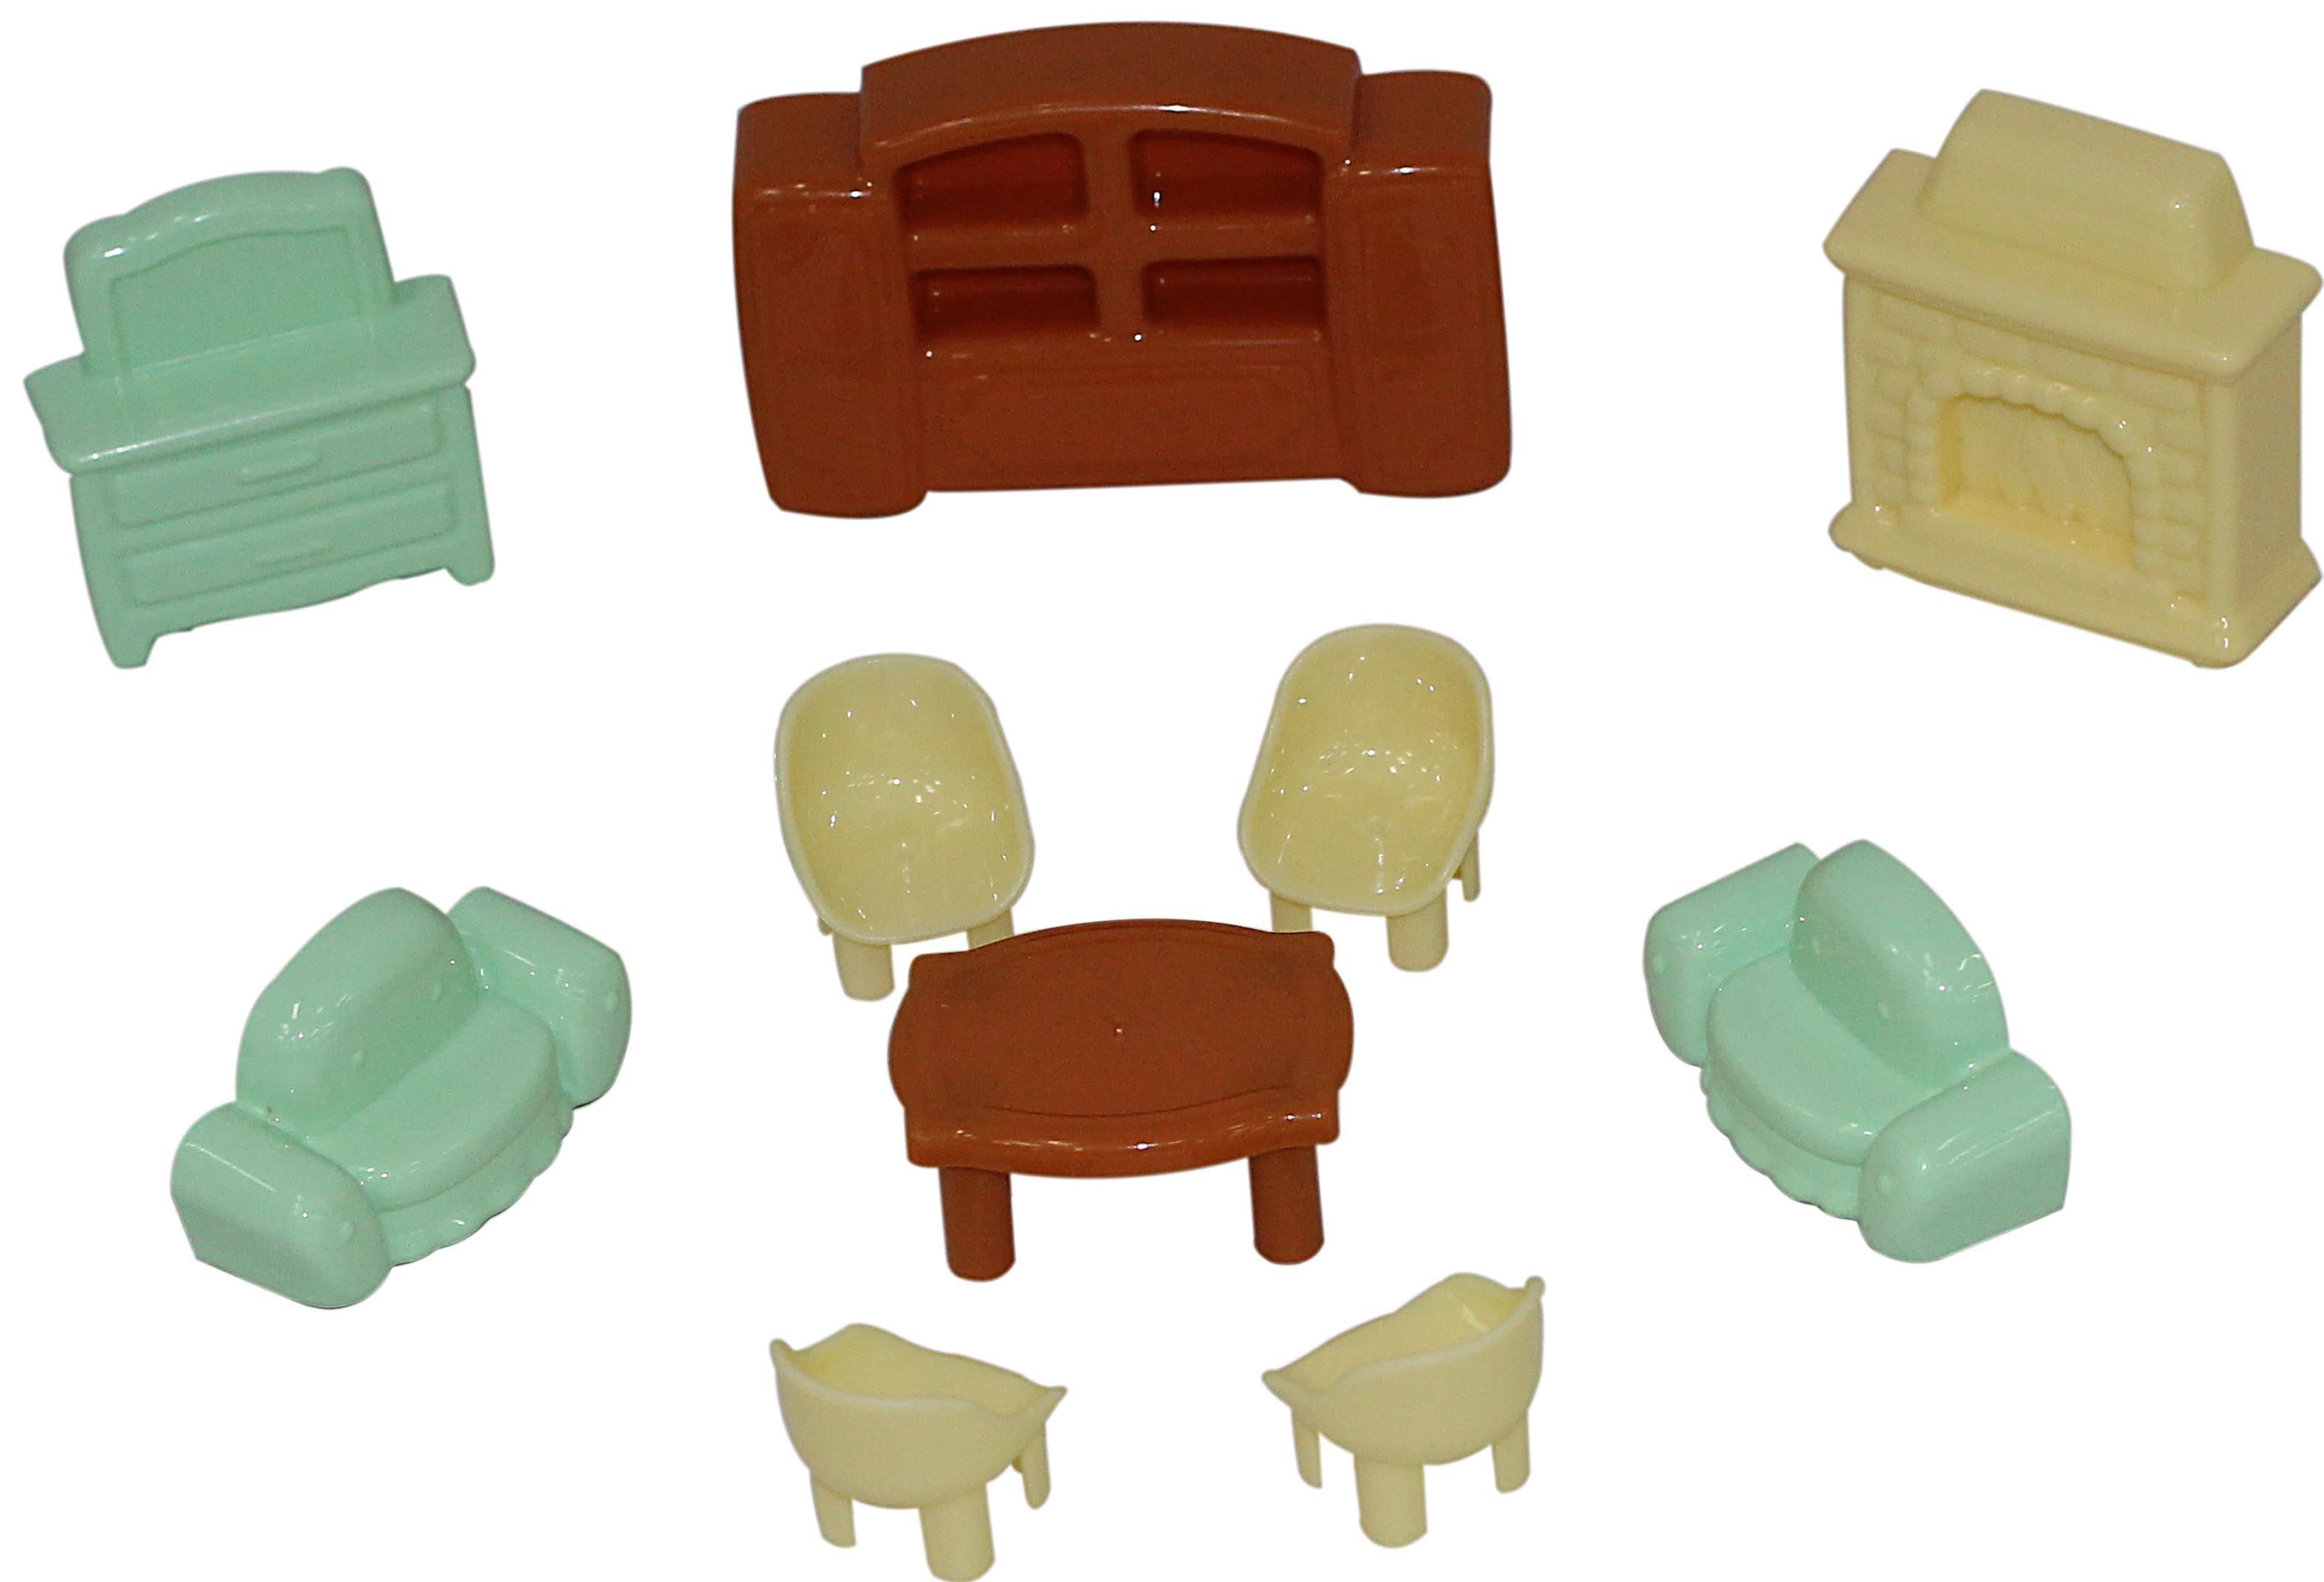 Набор мебели для кукол, 10 элементовКукольные домики<br>Набор мебели для кукол, 10 элементов<br>